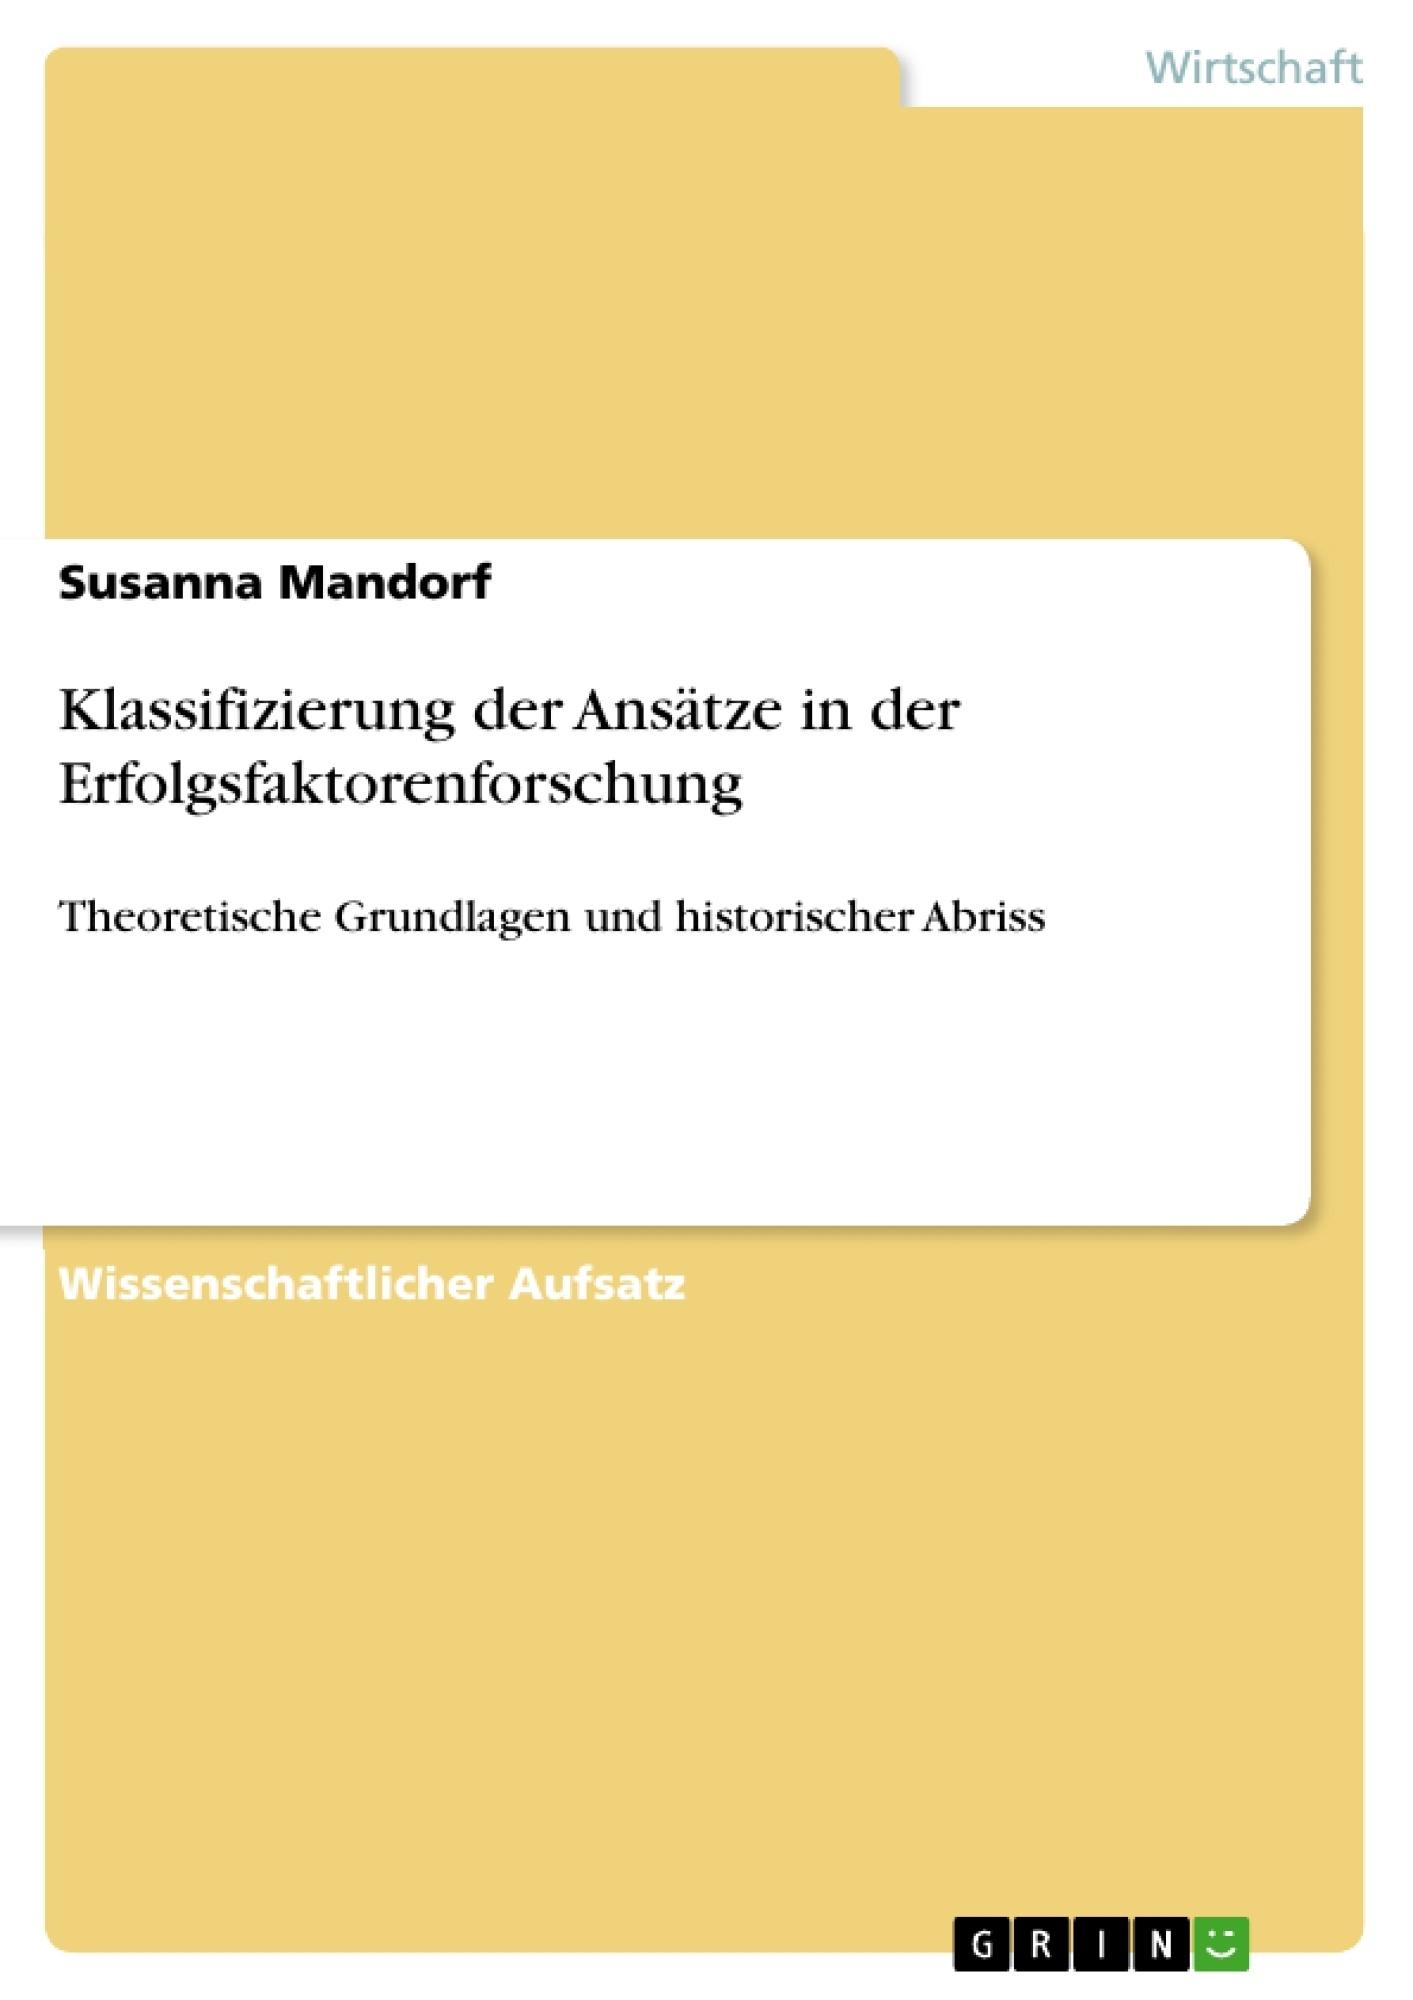 Titel: Klassifizierung der Ansätze in der Erfolgsfaktorenforschung